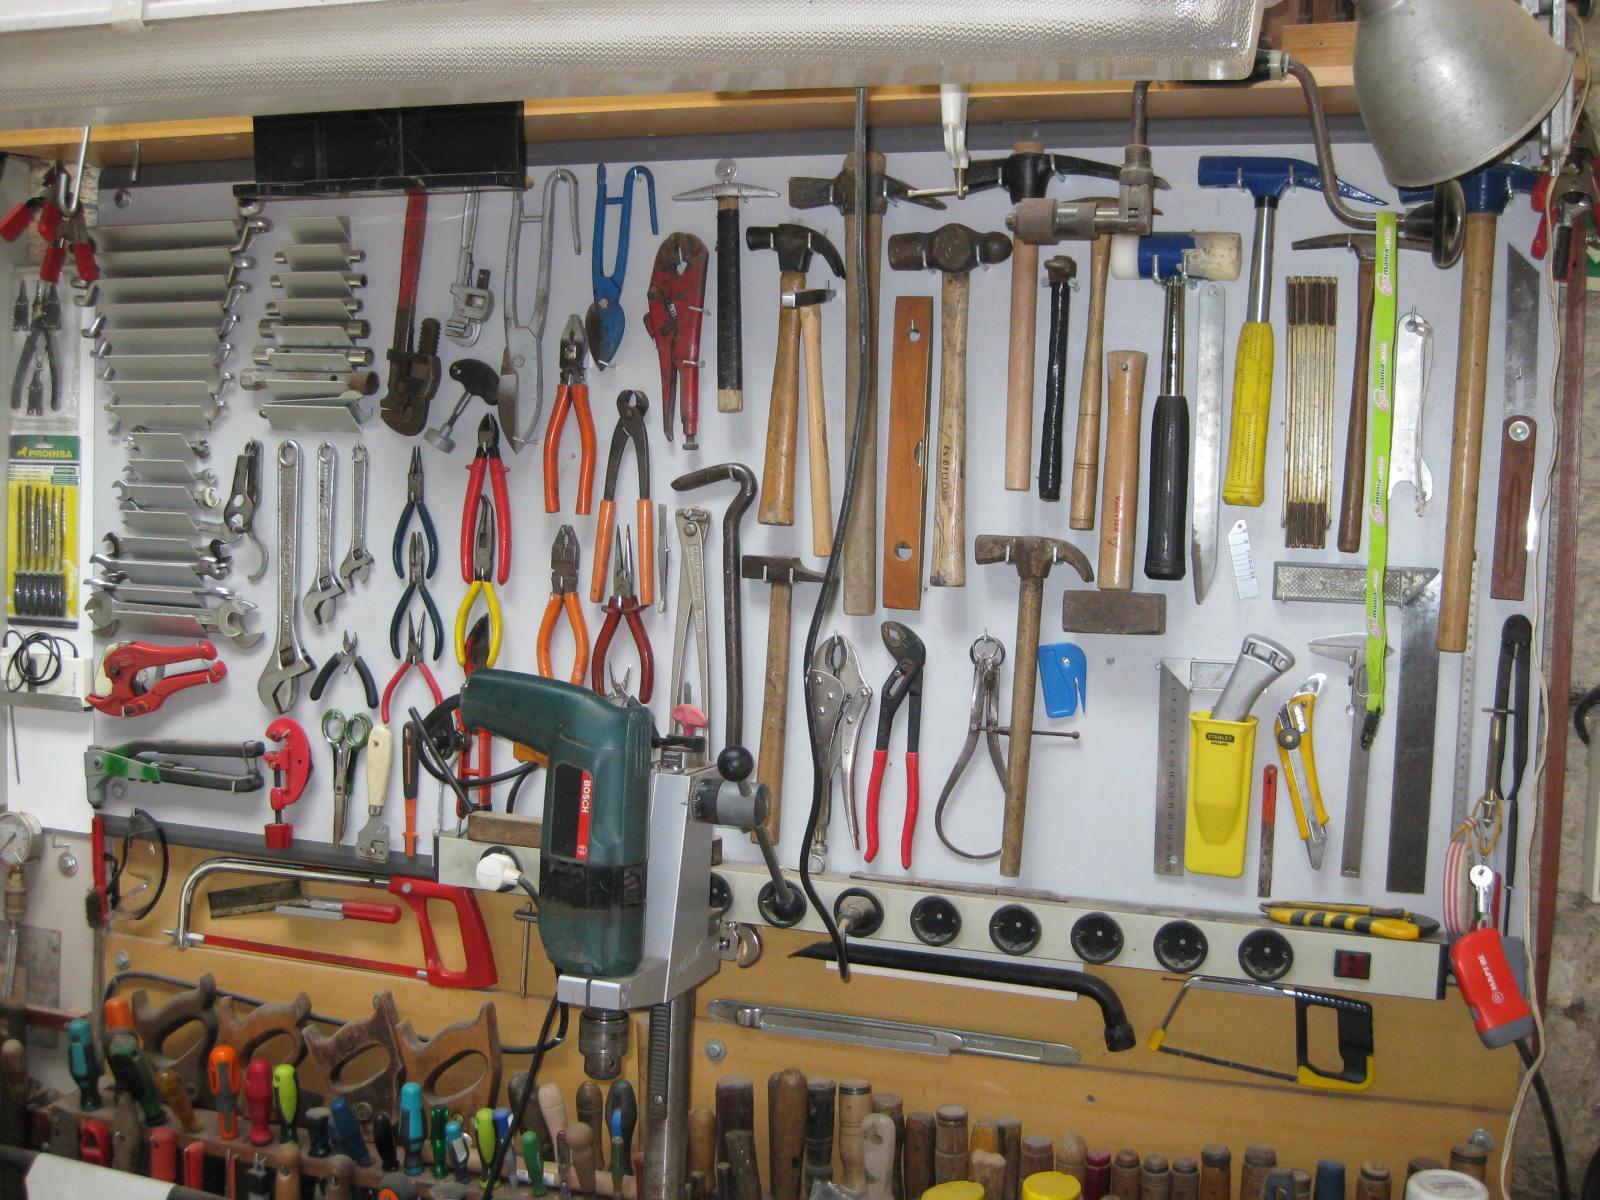 Bricolaje oficios y otras cosas mayo 2011 - Mueble para herramientas ...